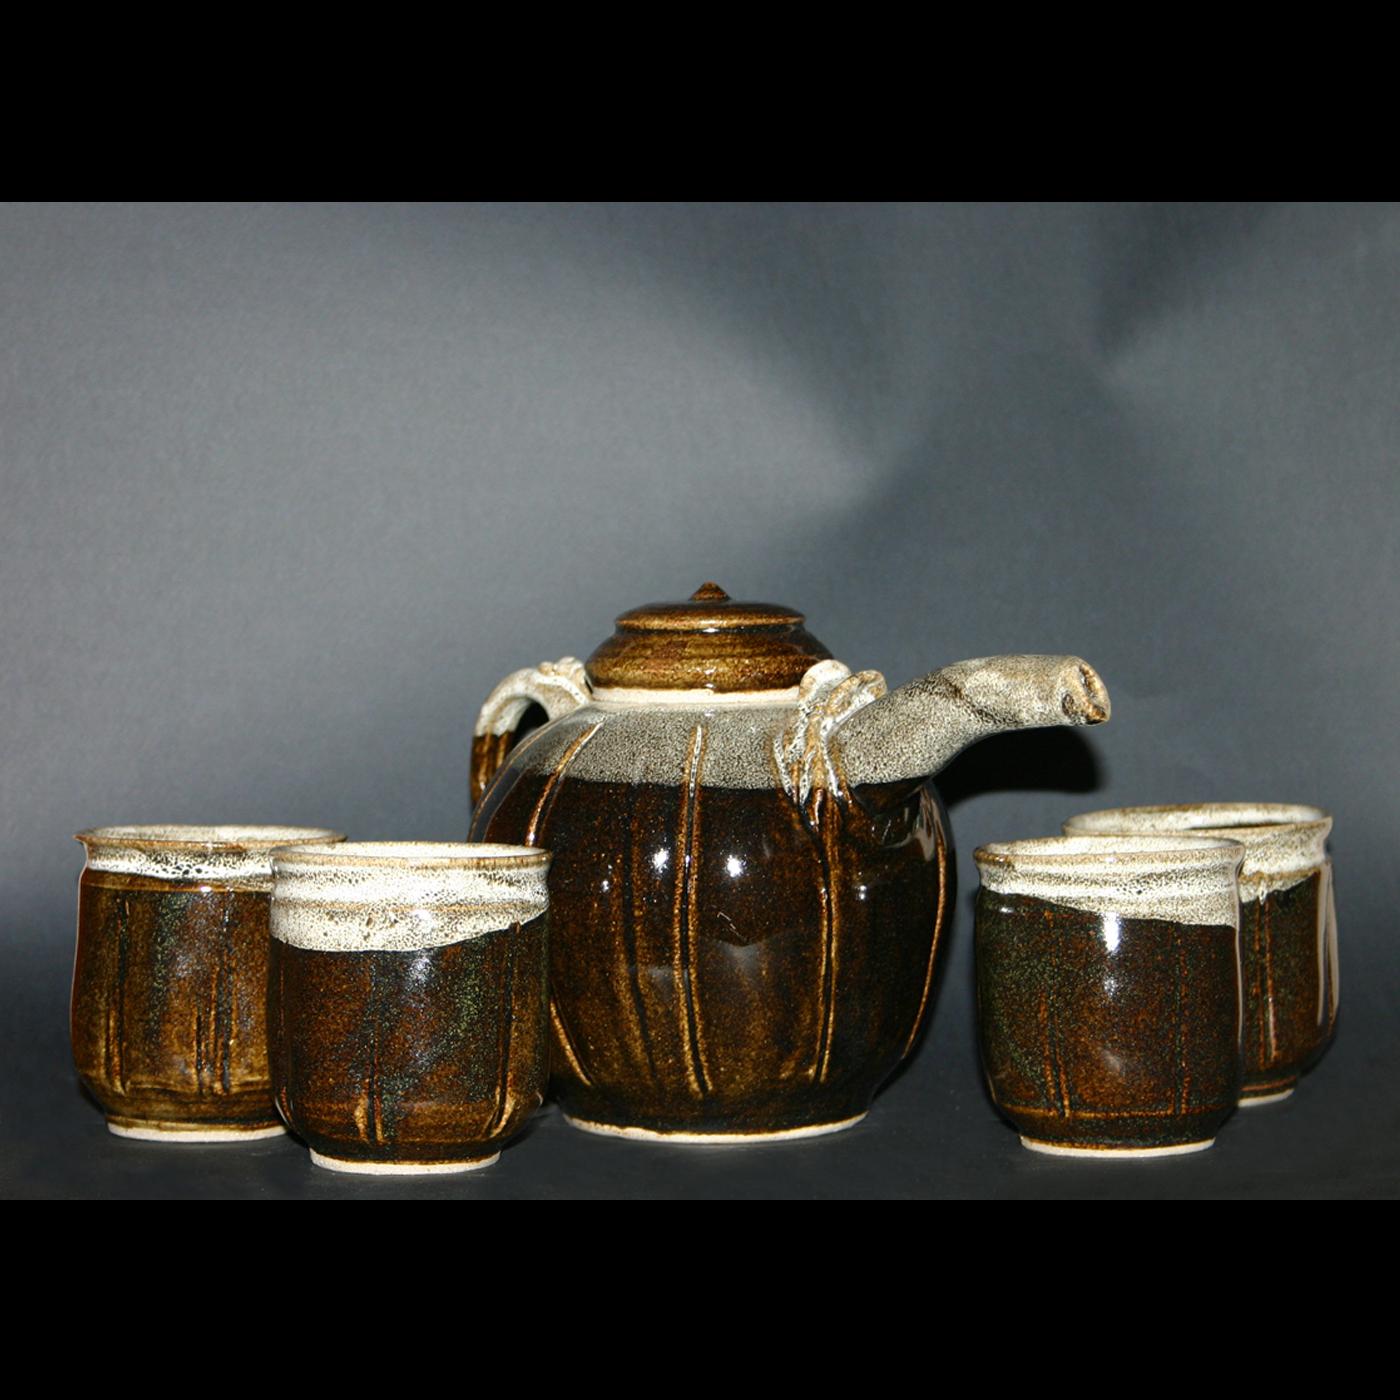 brown speckled tea pot